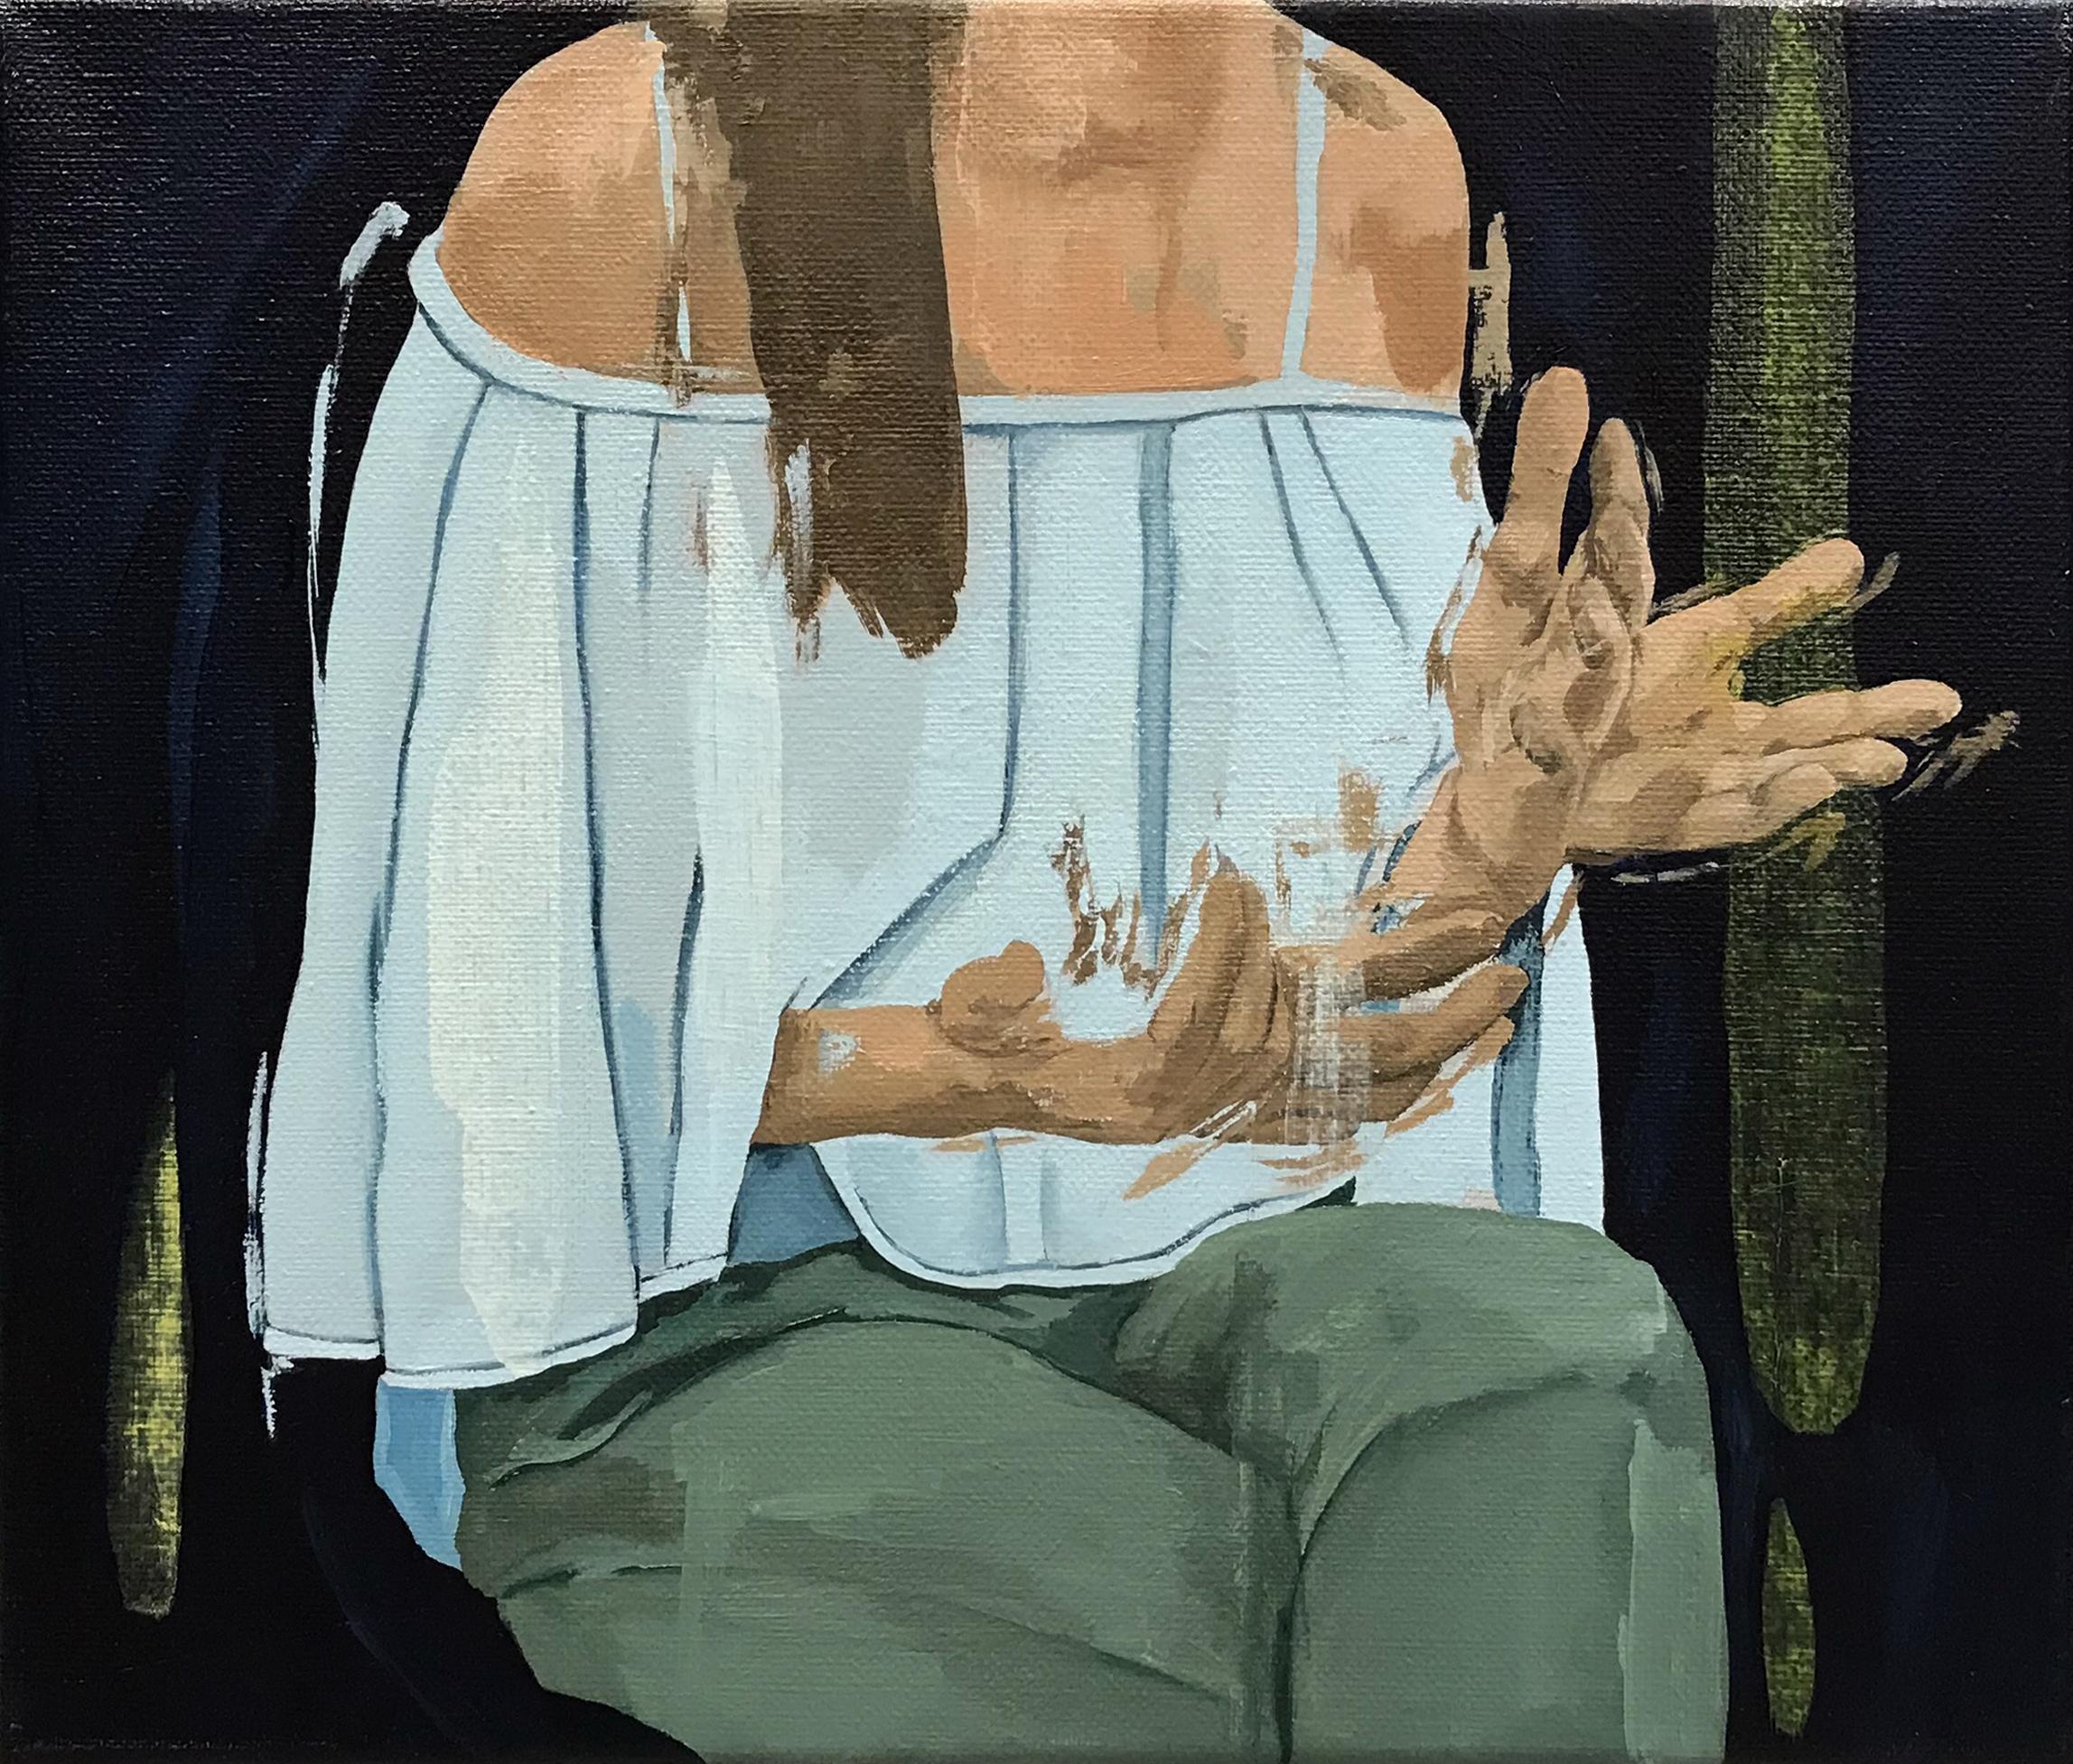 Rita's Hands